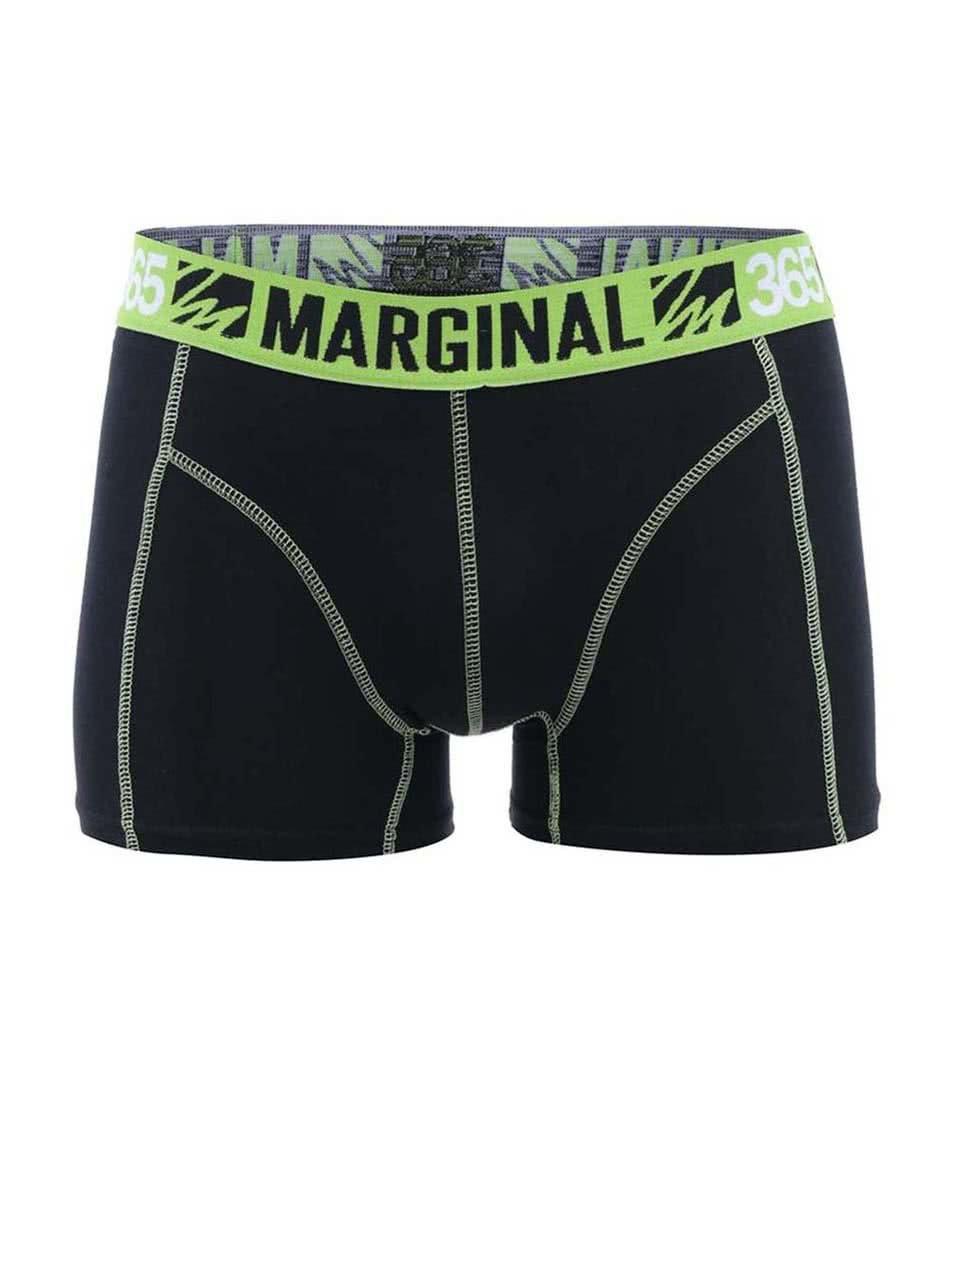 Zeleno-čierne športové boxerky Marginal ... 6f9d916b0e3